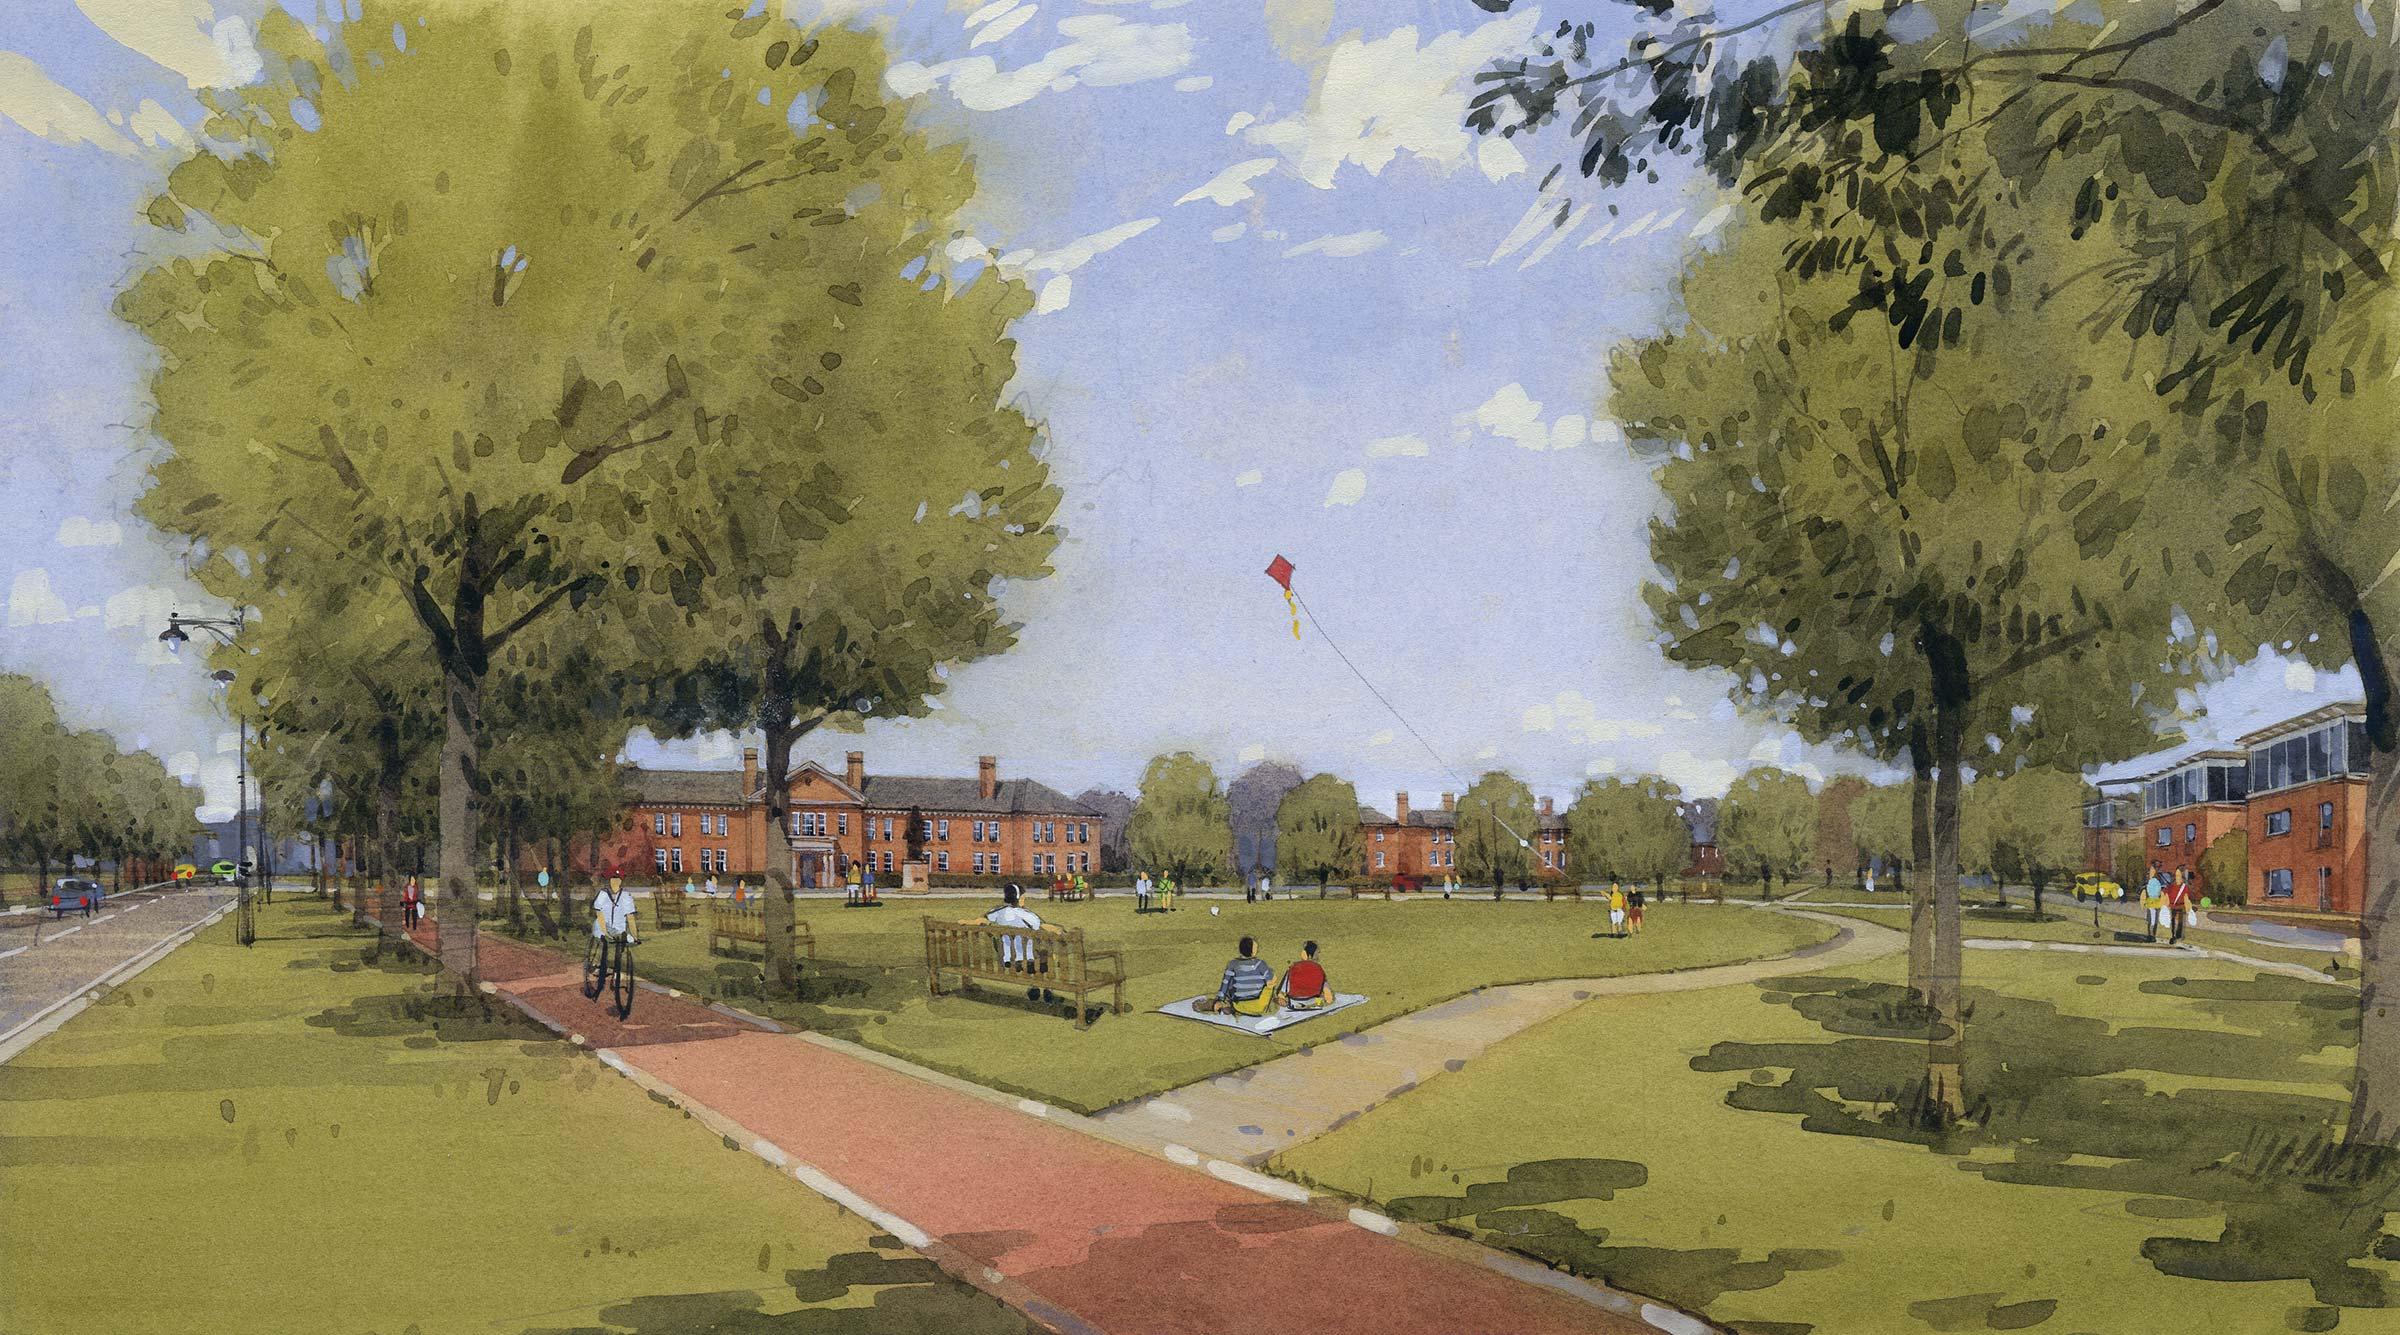 Urban extension of Wellesley in Aldershot, Hampshire